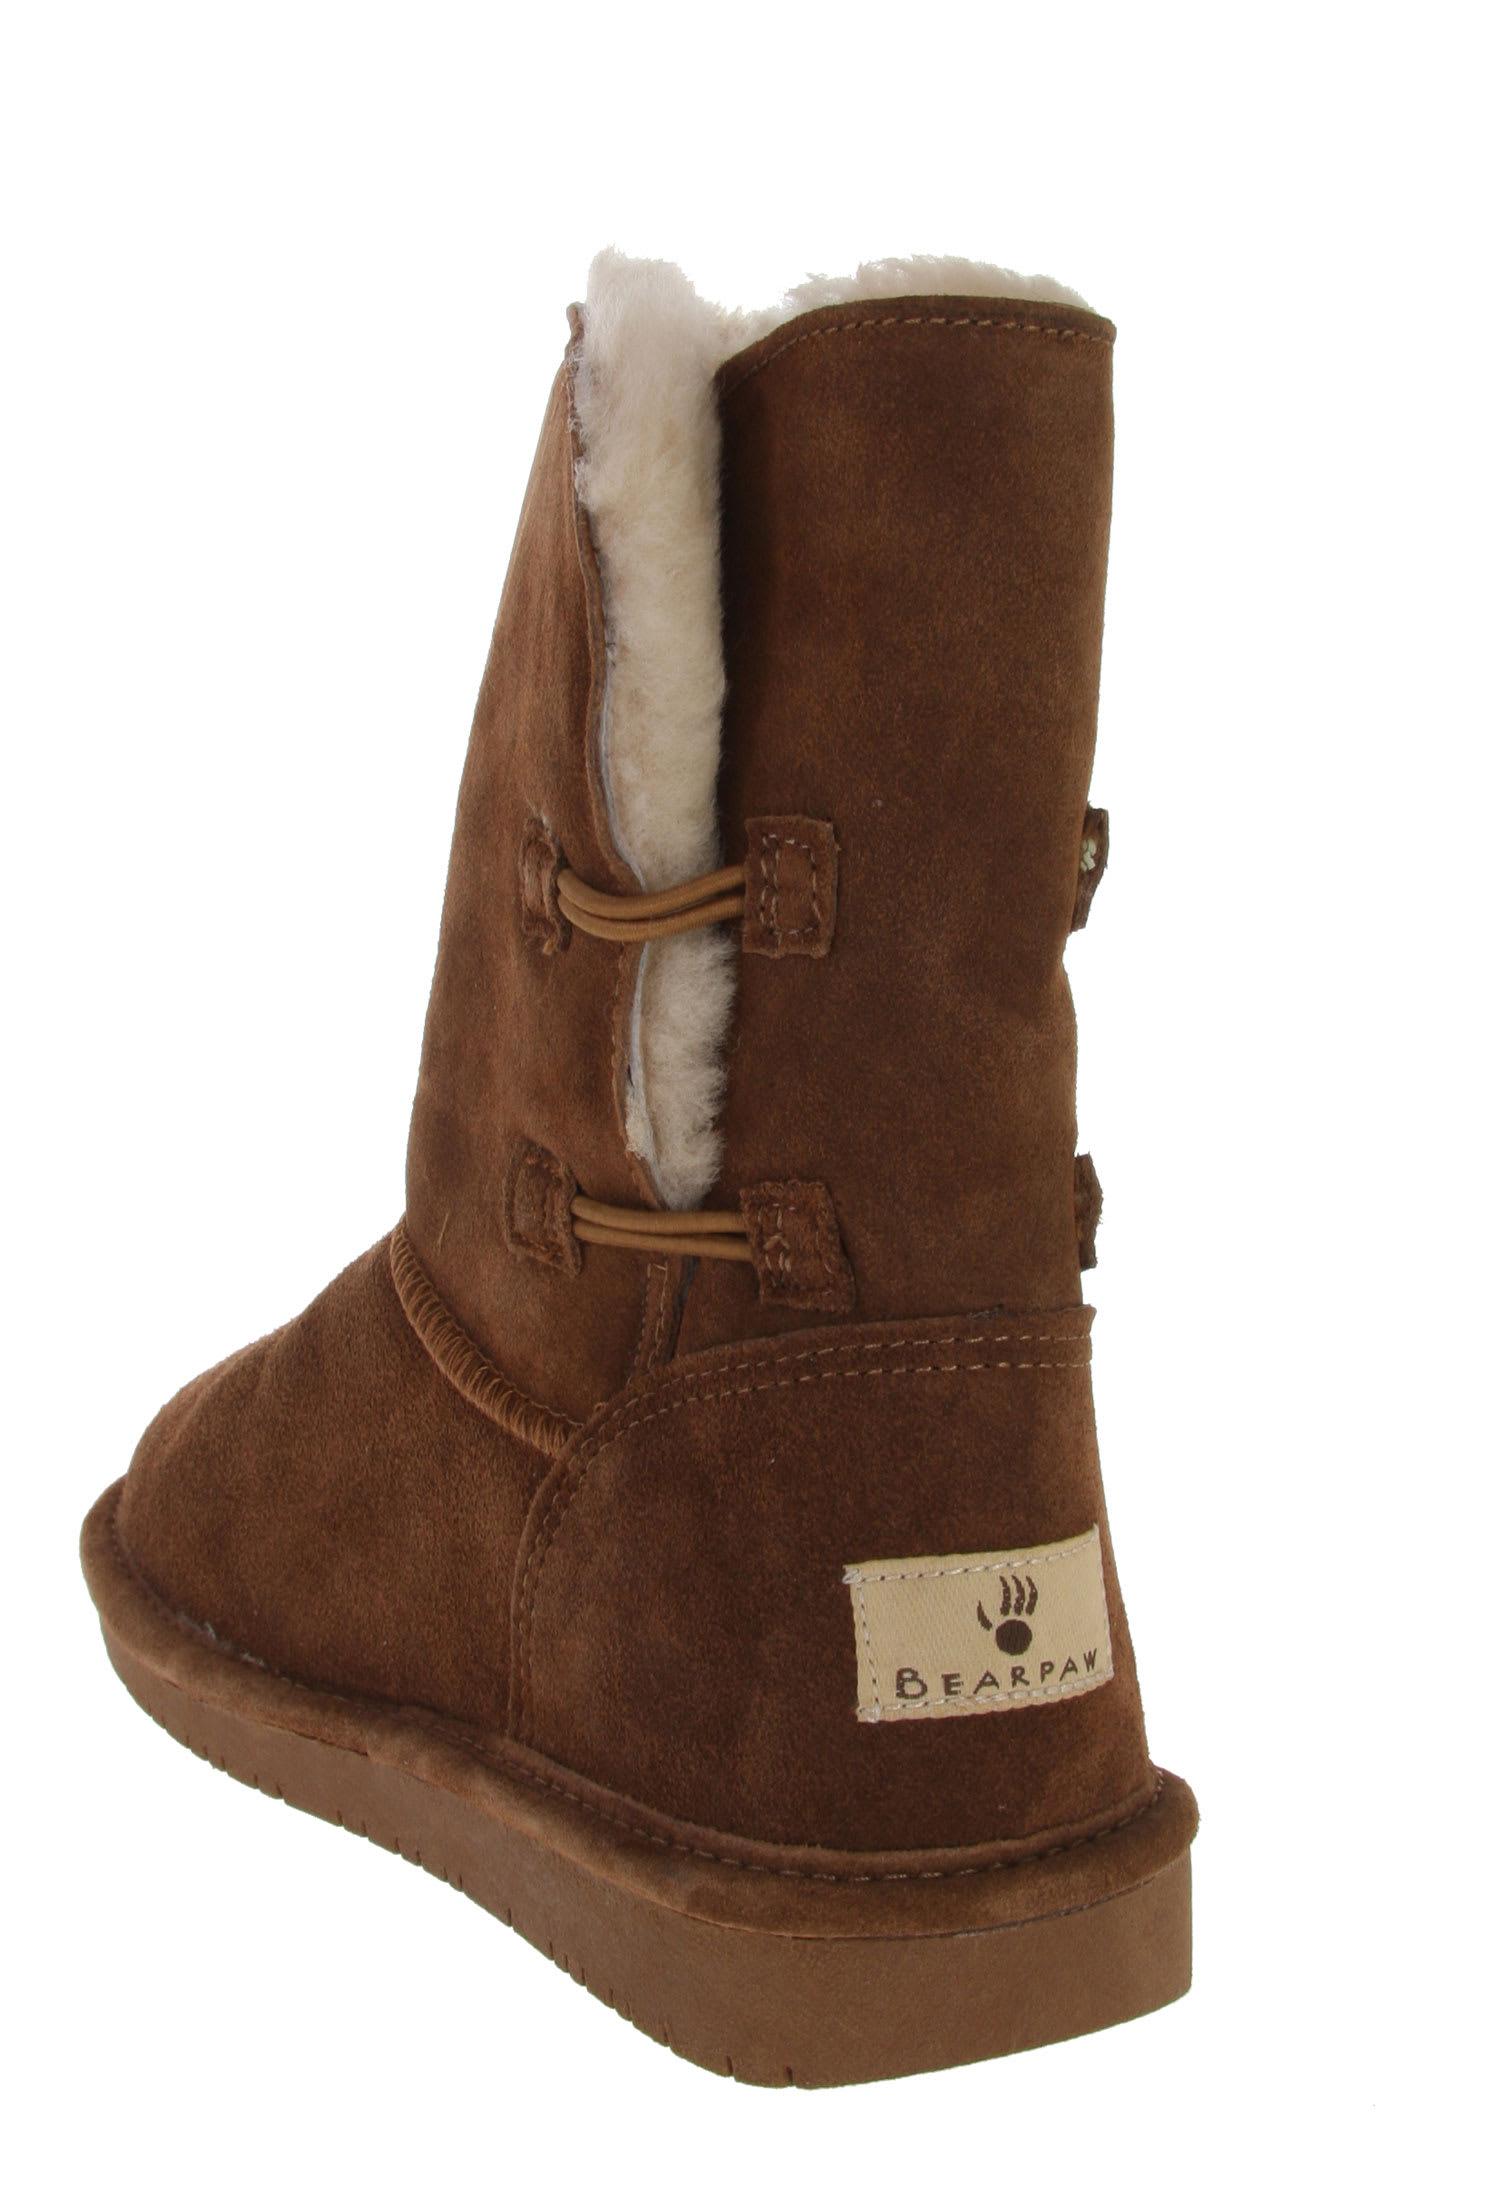 Bearpaw Abigail 8 Inch Street Boots Womens